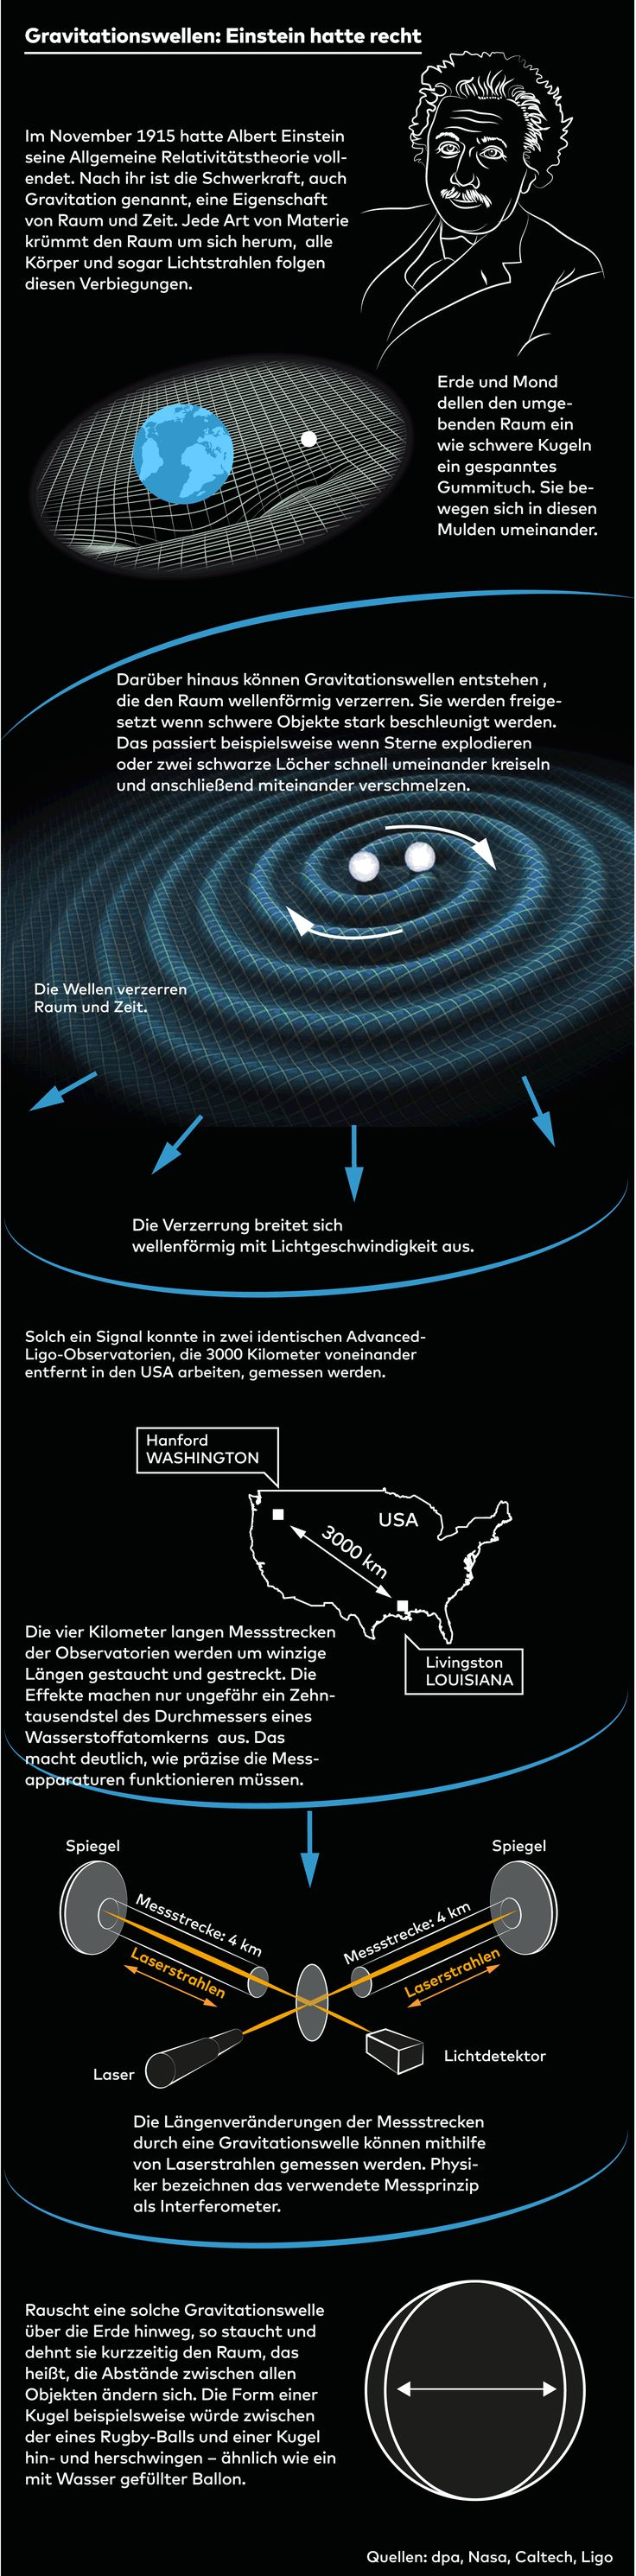 #Infografik Forscher haben erstmals Gravitationswellen beobachtet und damit bewiesen, dass Albert Einstein richtig lag. Doch was sind Gravitationswellen? Und wie wurden sie gemessen?